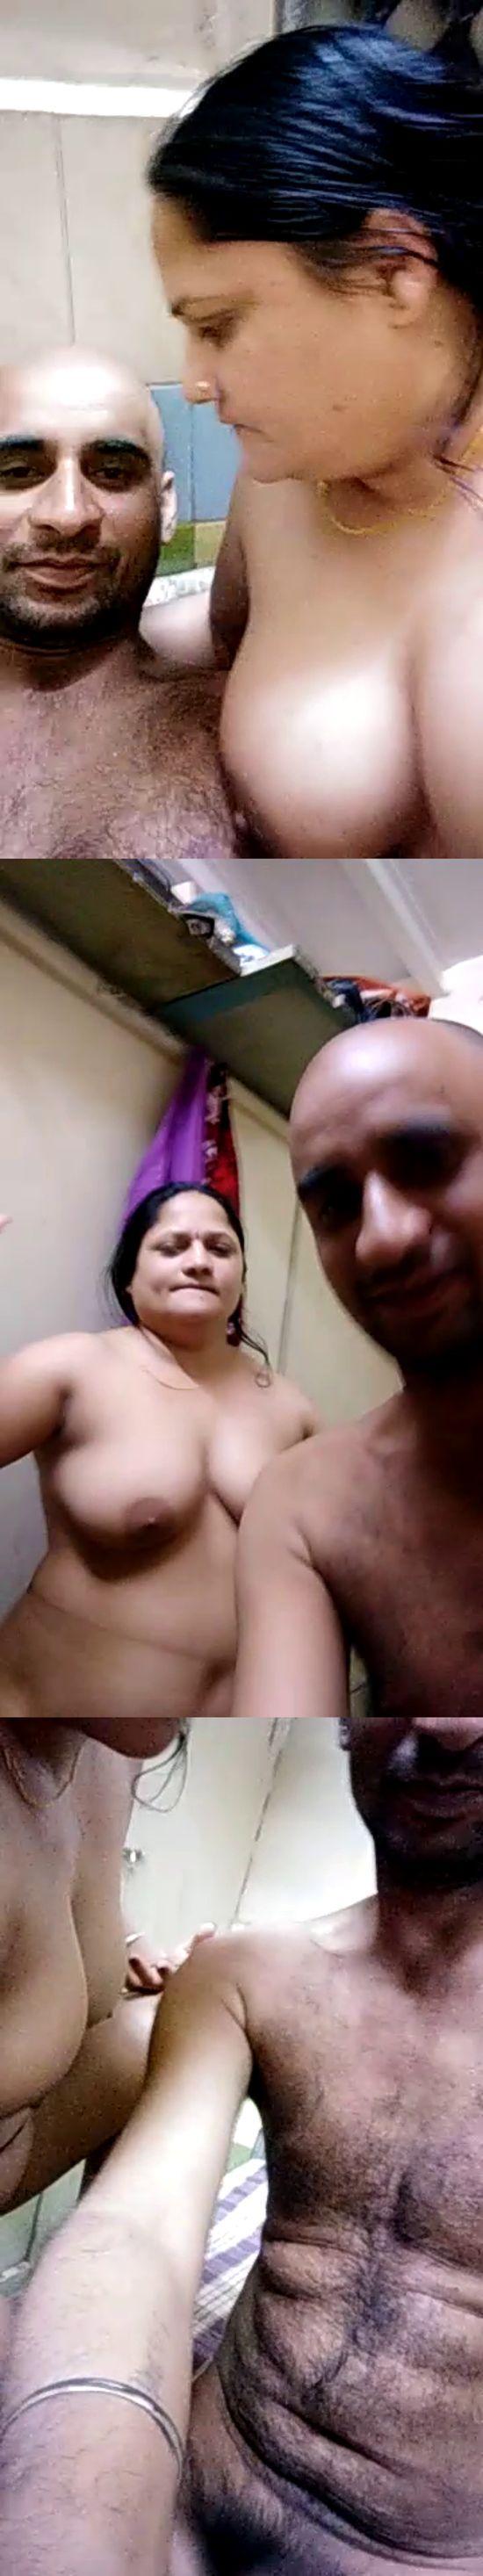 Woman tortures man with handjob